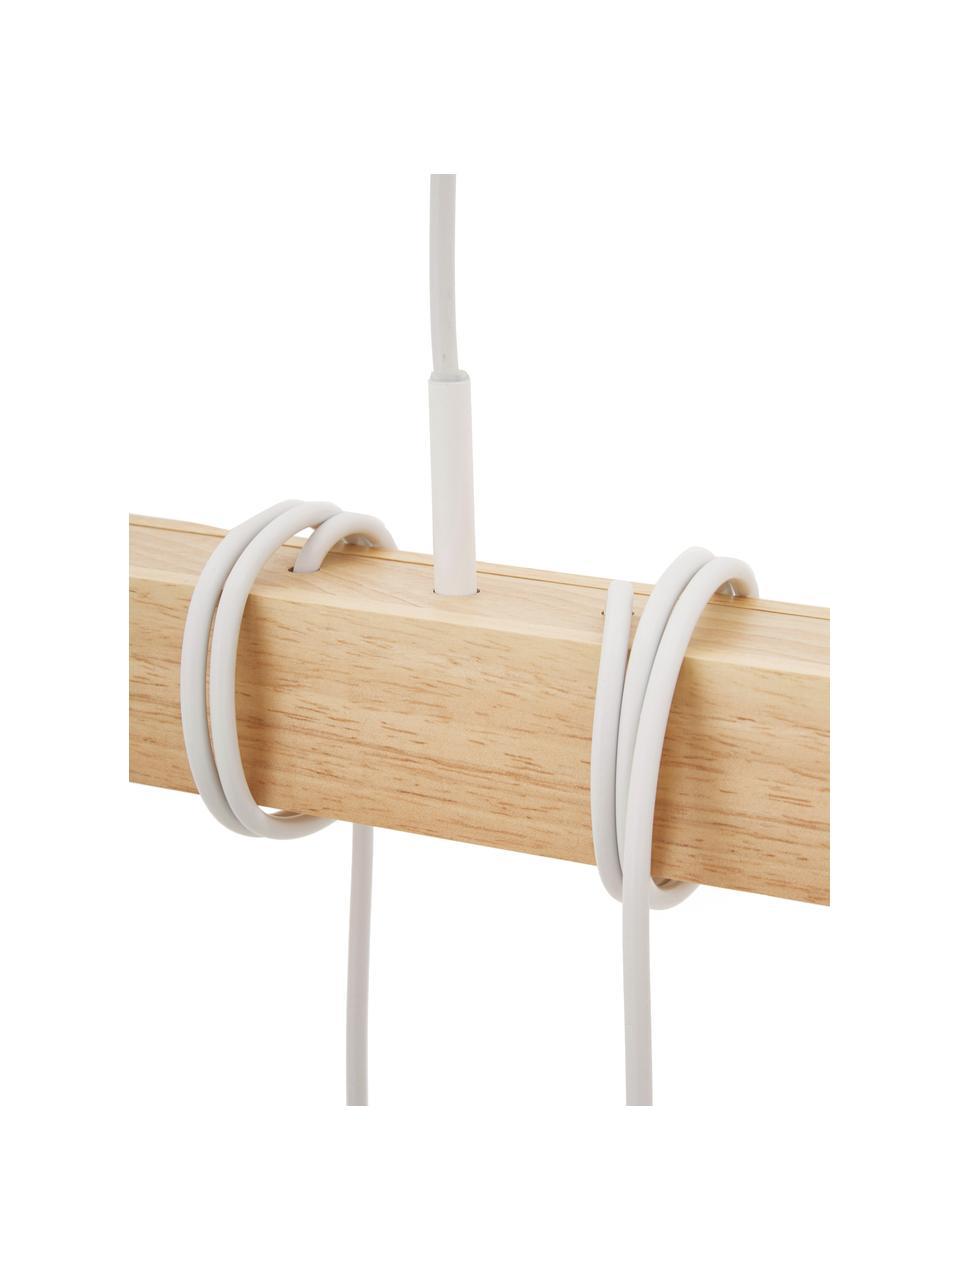 Lampada a sospensione in legno Townshend, Struttura: legno di albero della gom, Baldacchino: acciaio verniciato, Bianco, legno, Larg. 100 x Prof. 10 cm